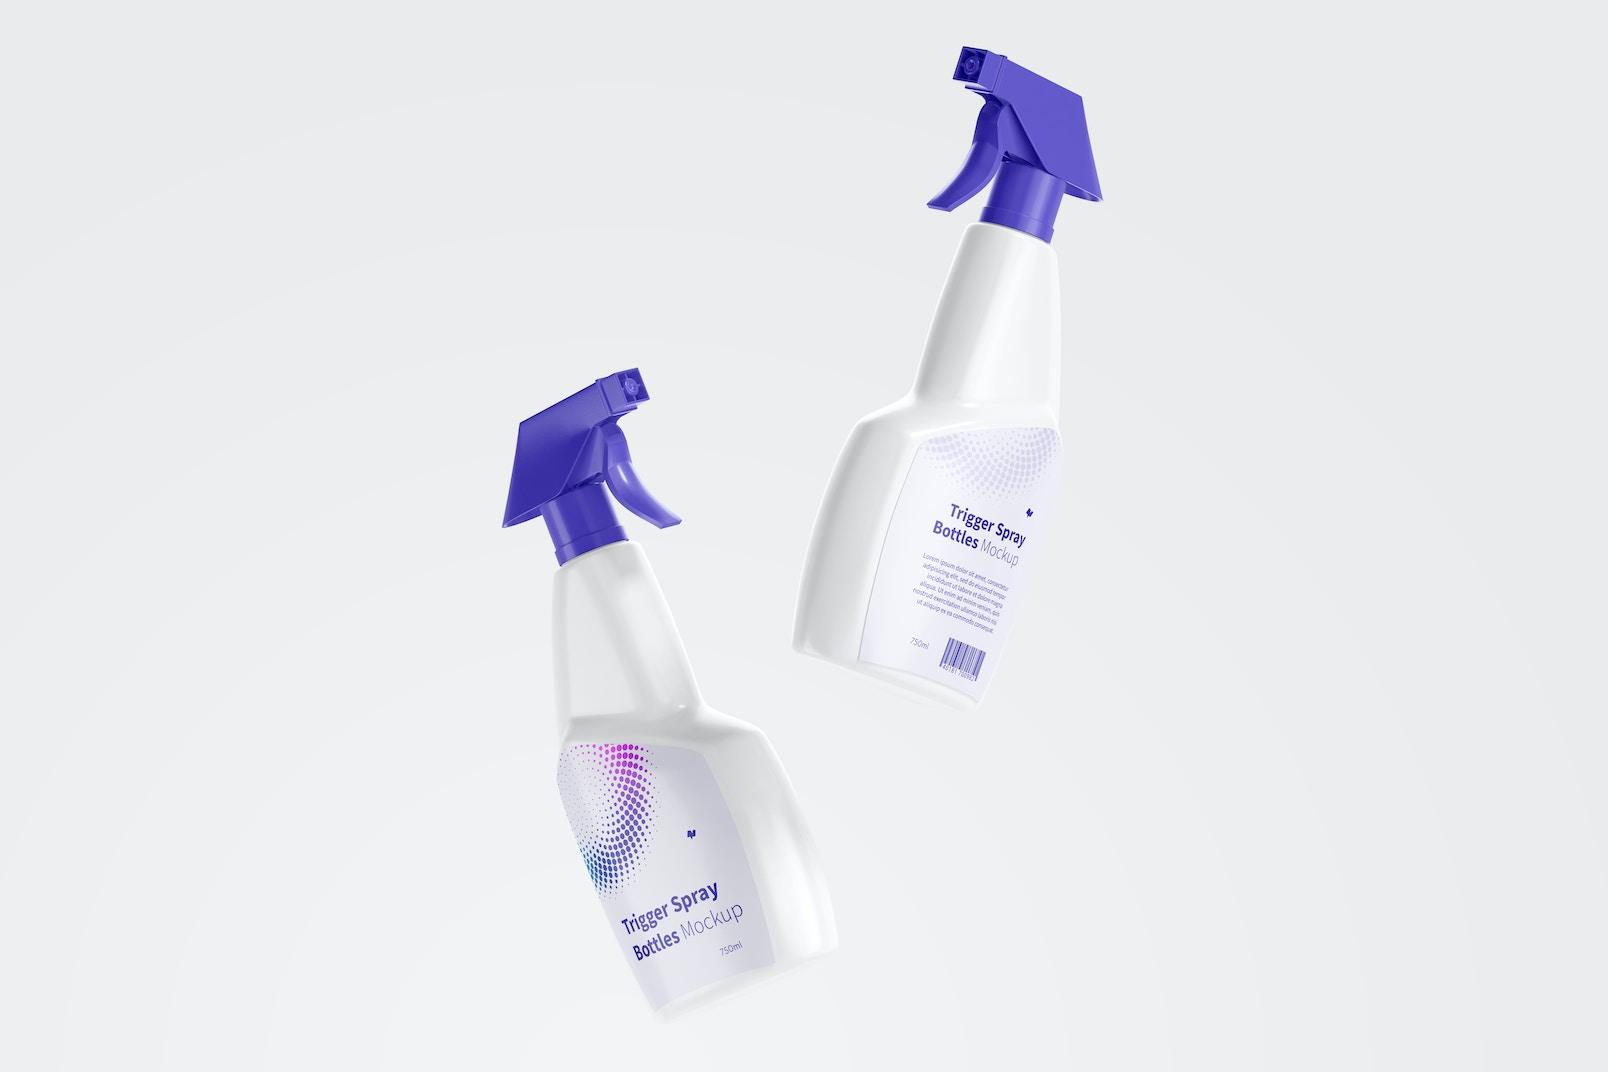 Trigger Spray Bottles Mockup, Floating